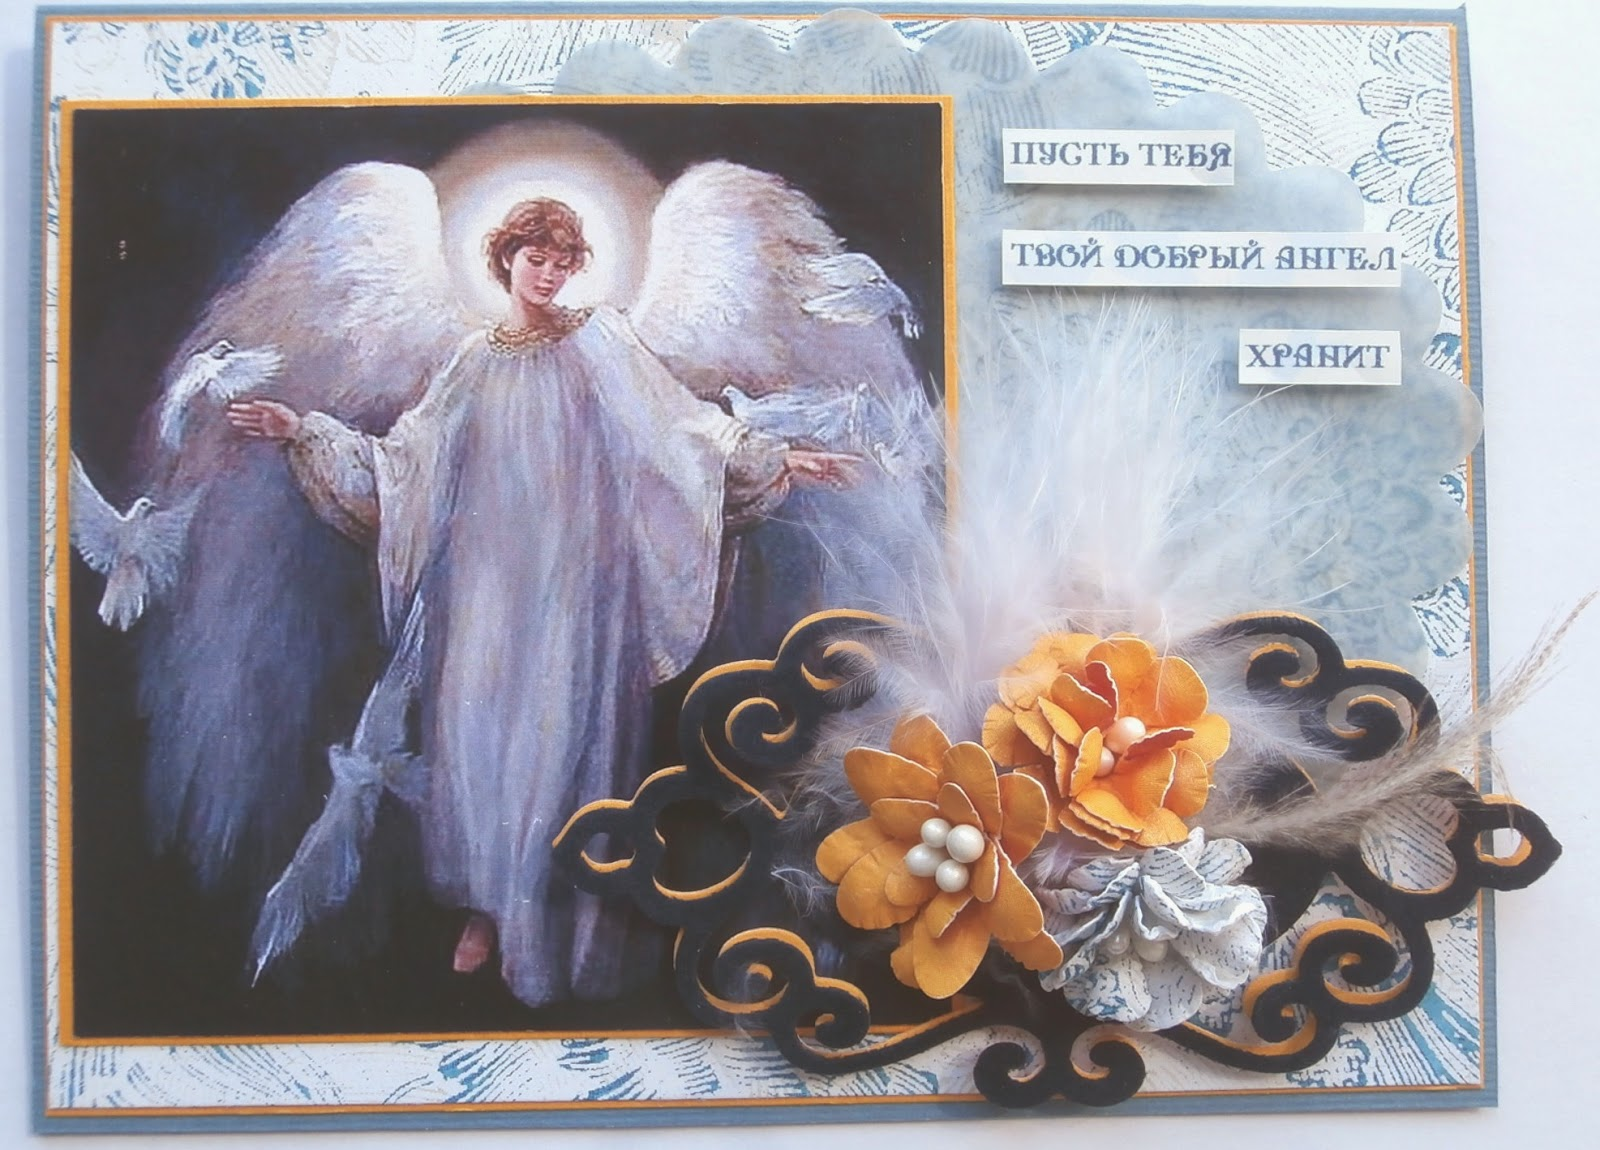 Да хранят тебя ангелы открытки 74